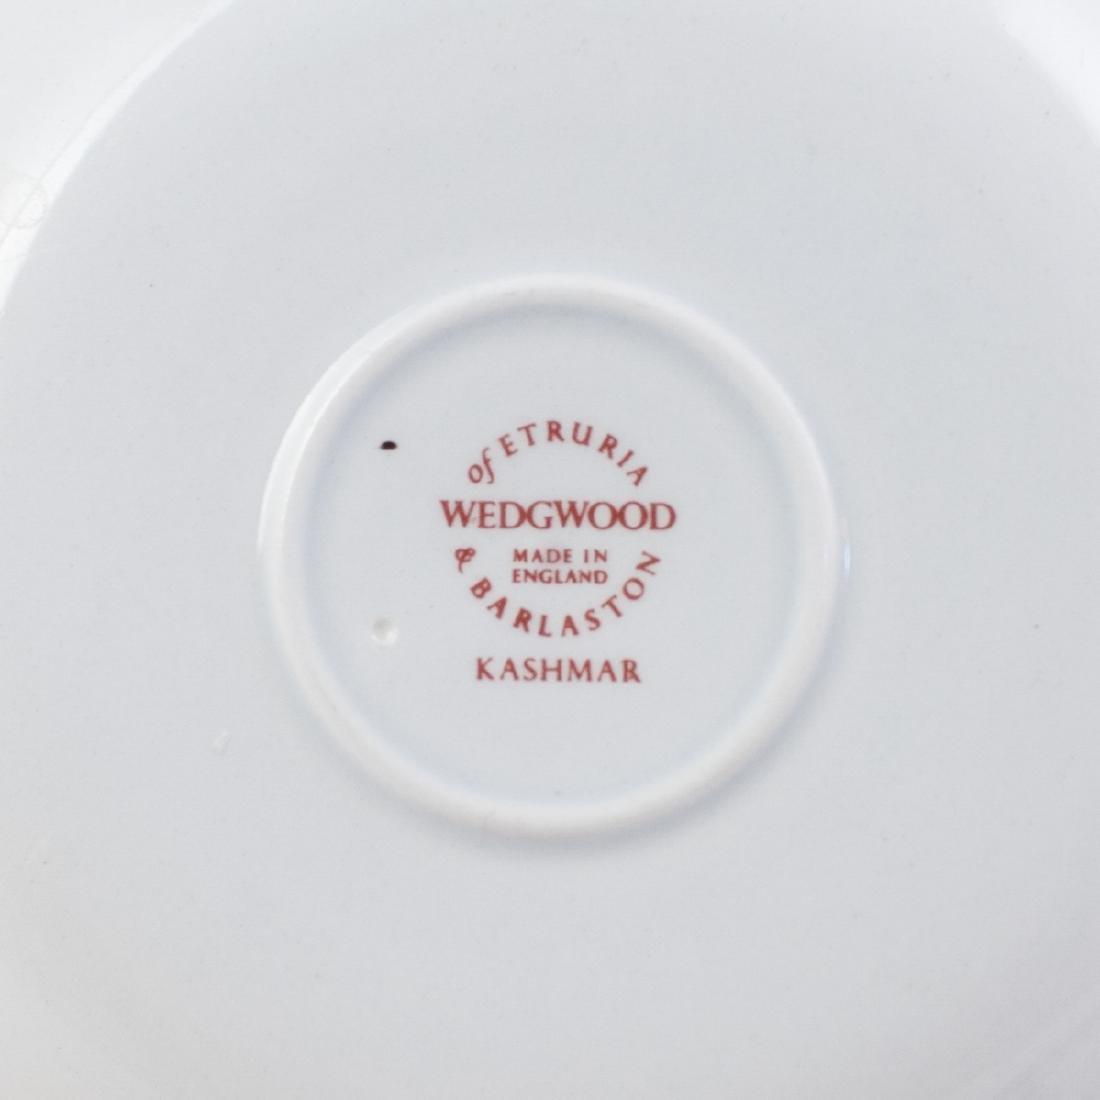 Vintage Porcelain Demitasse Cups - 6